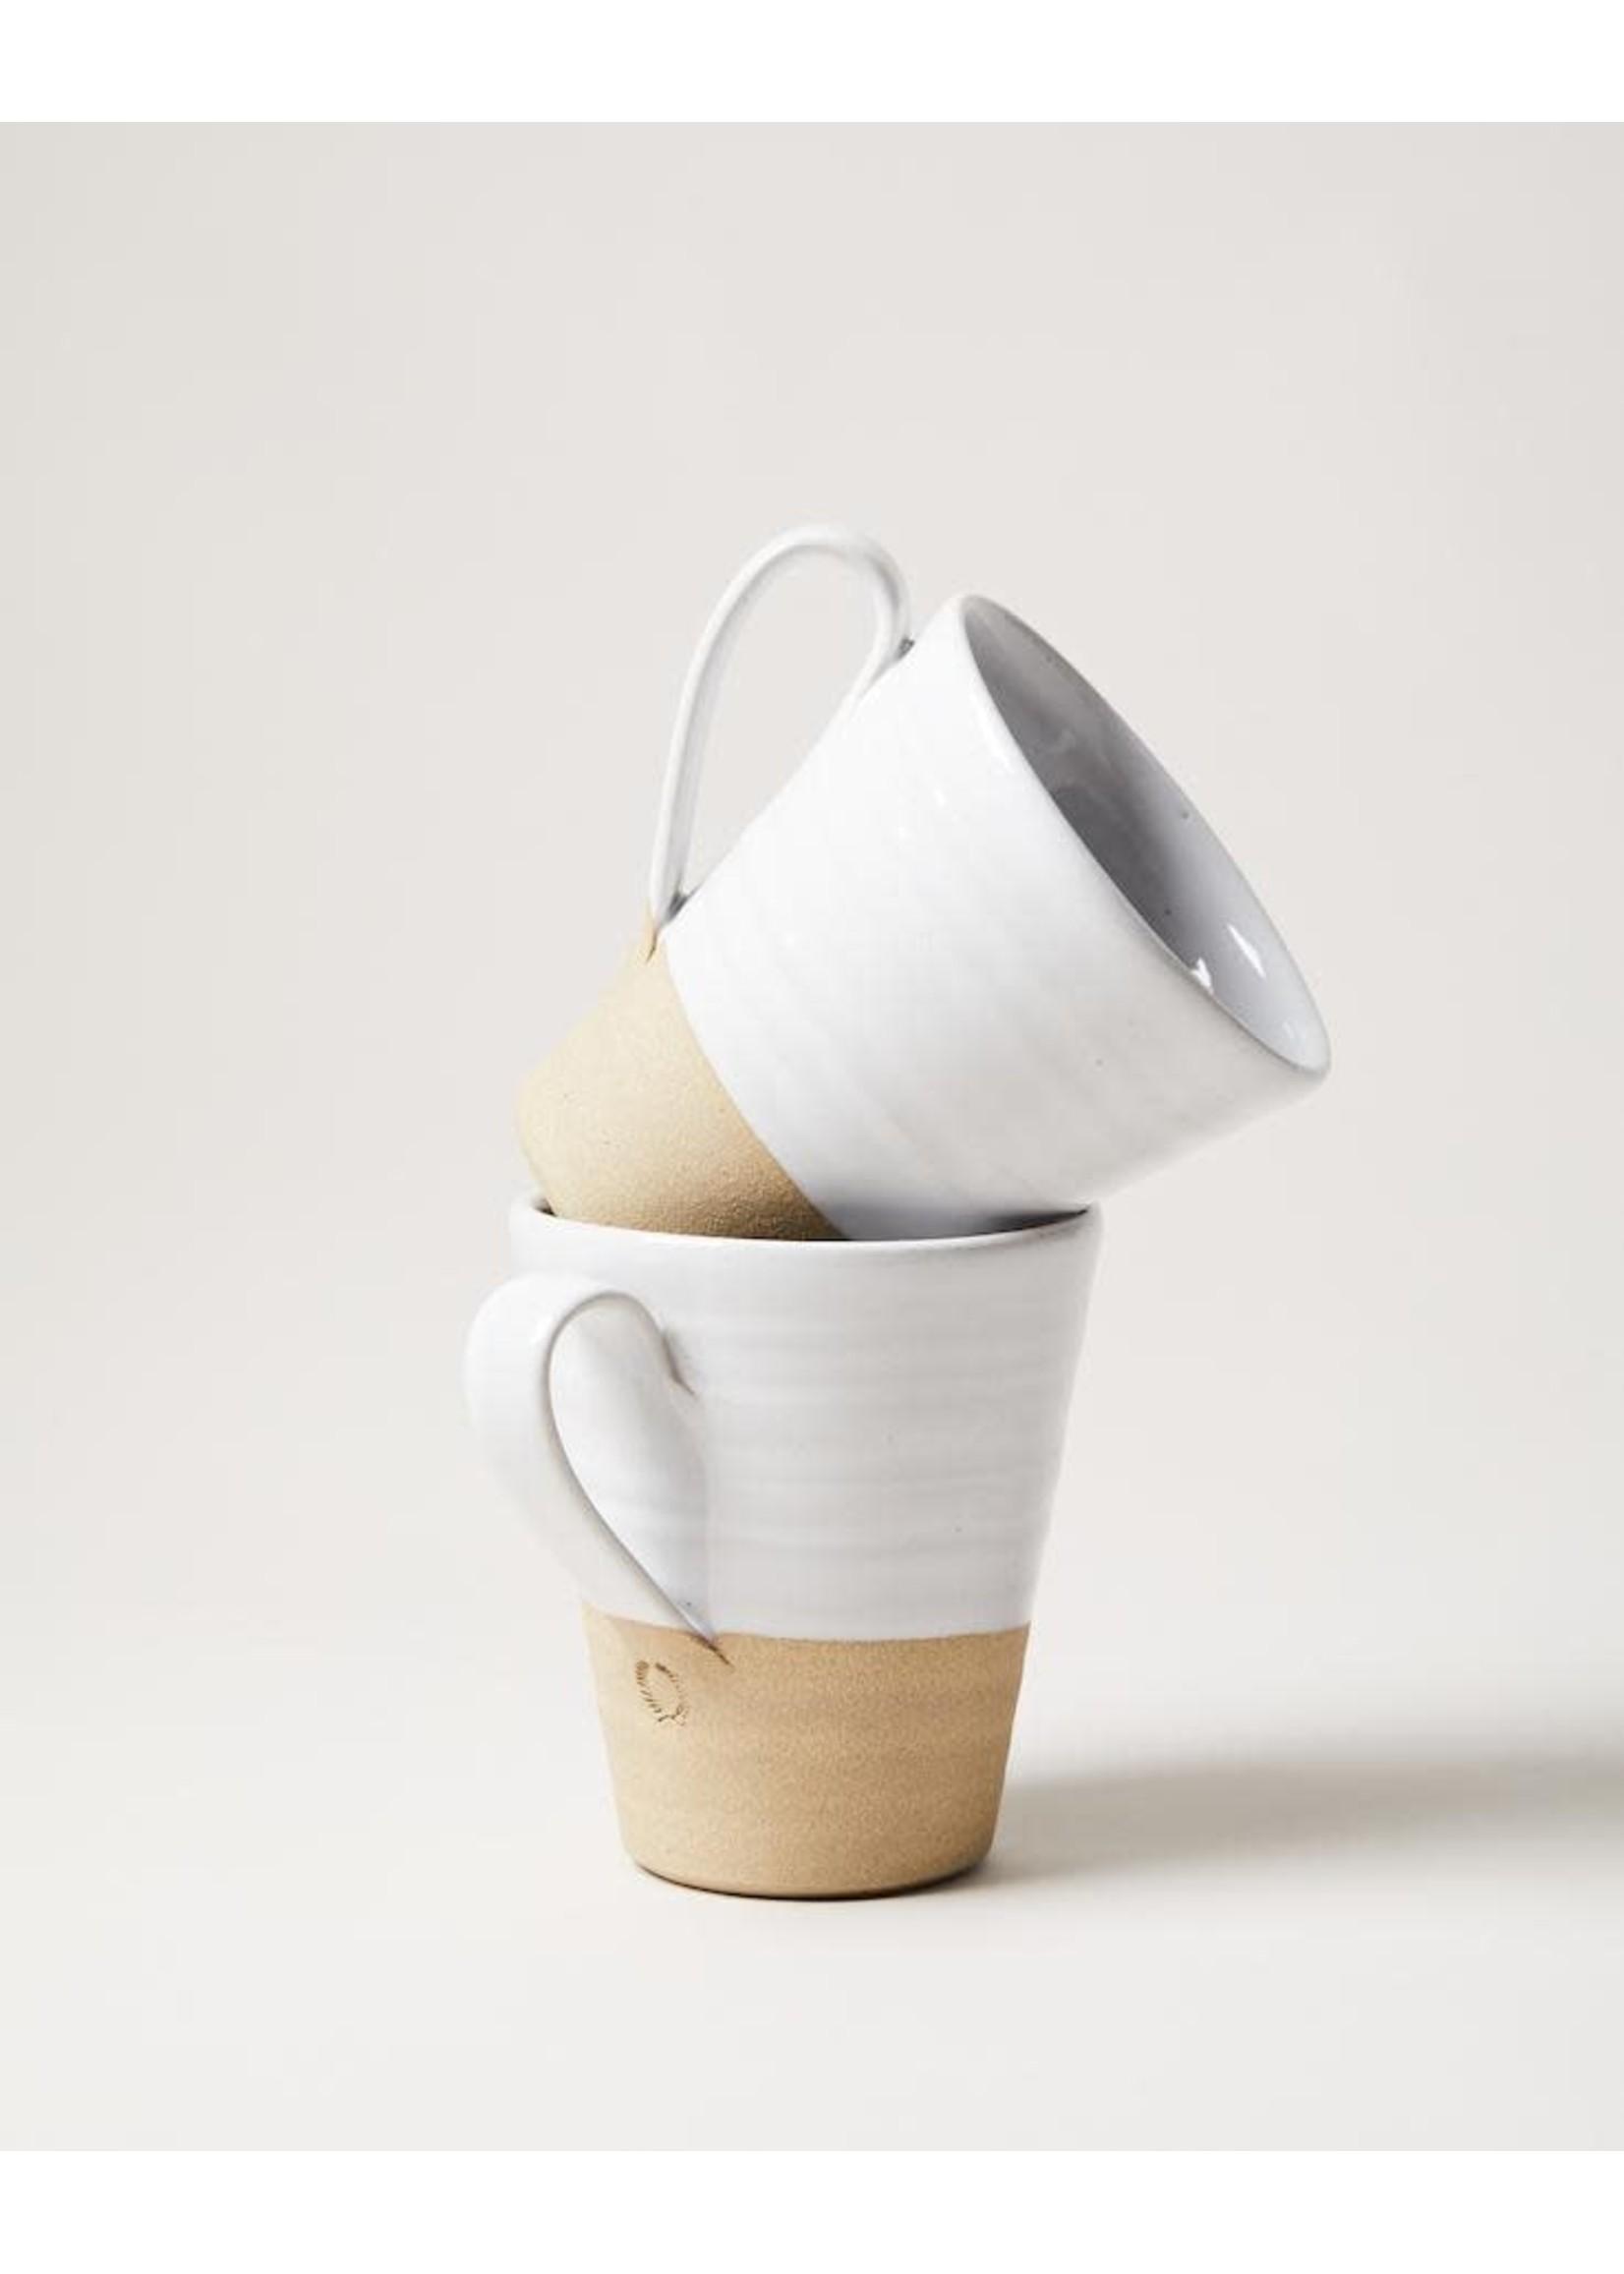 Farmhouse Pottery Tall Silo Mug